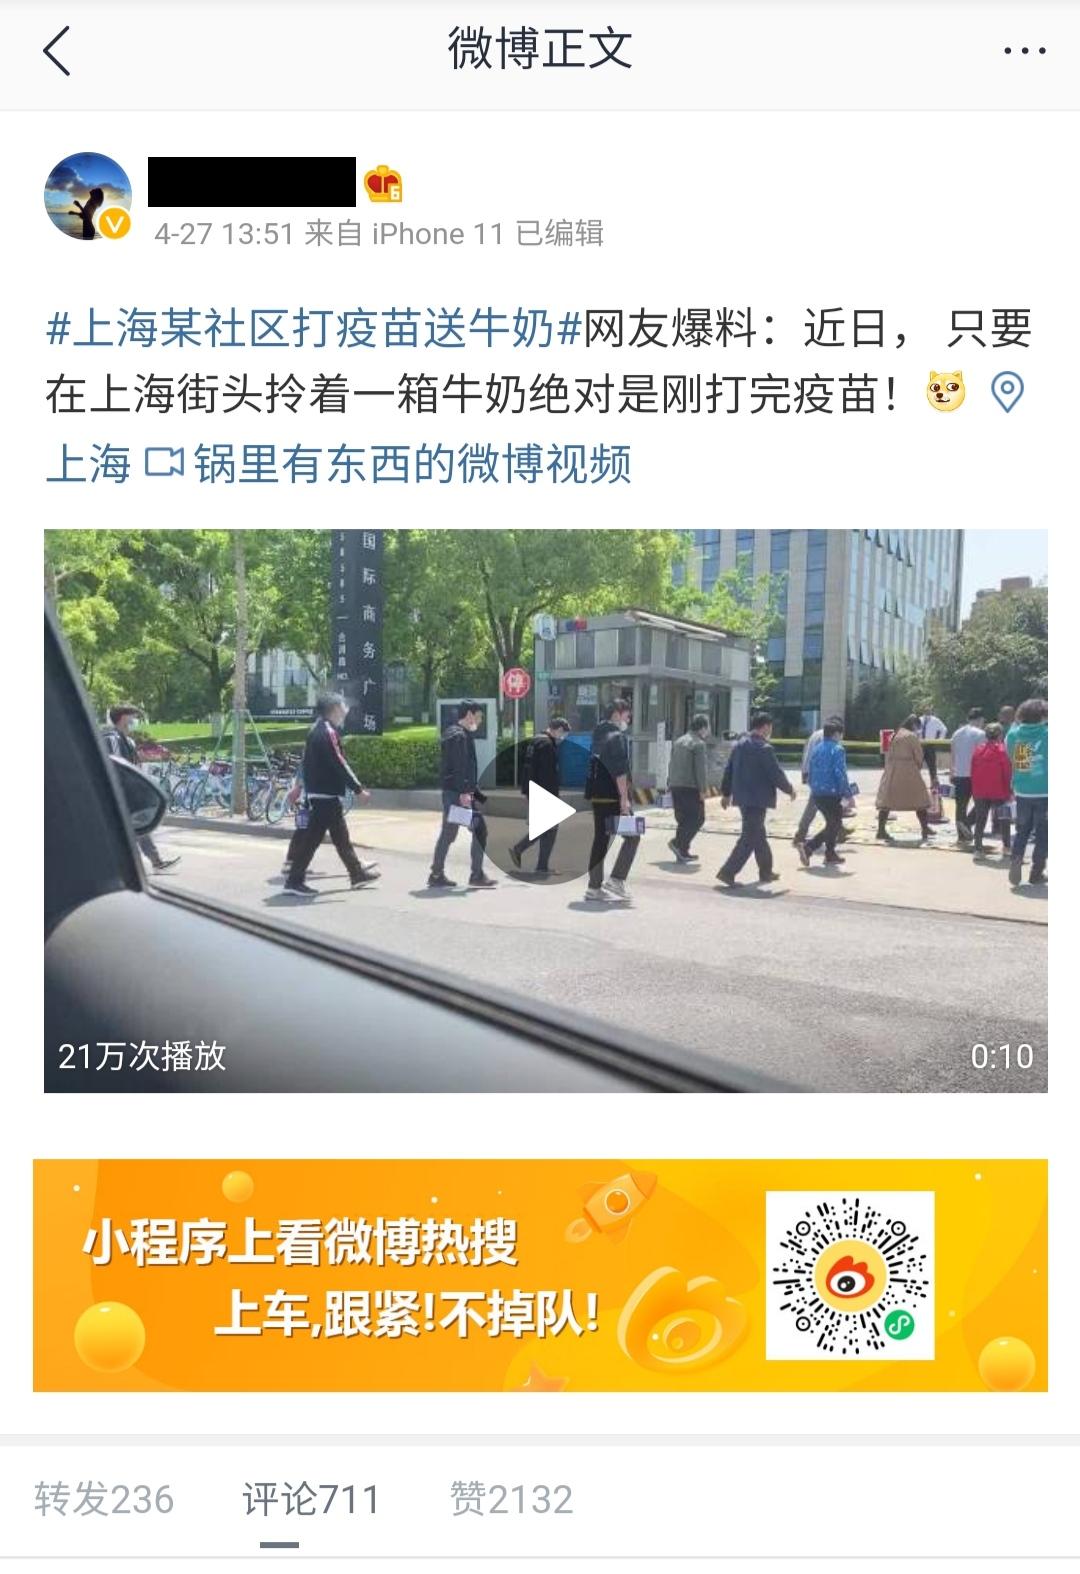 上海市民微博上介紹看到馬路上一群人行走提一箱牛奶的,一定是剛接種疫苗的人。(網絡截圖)